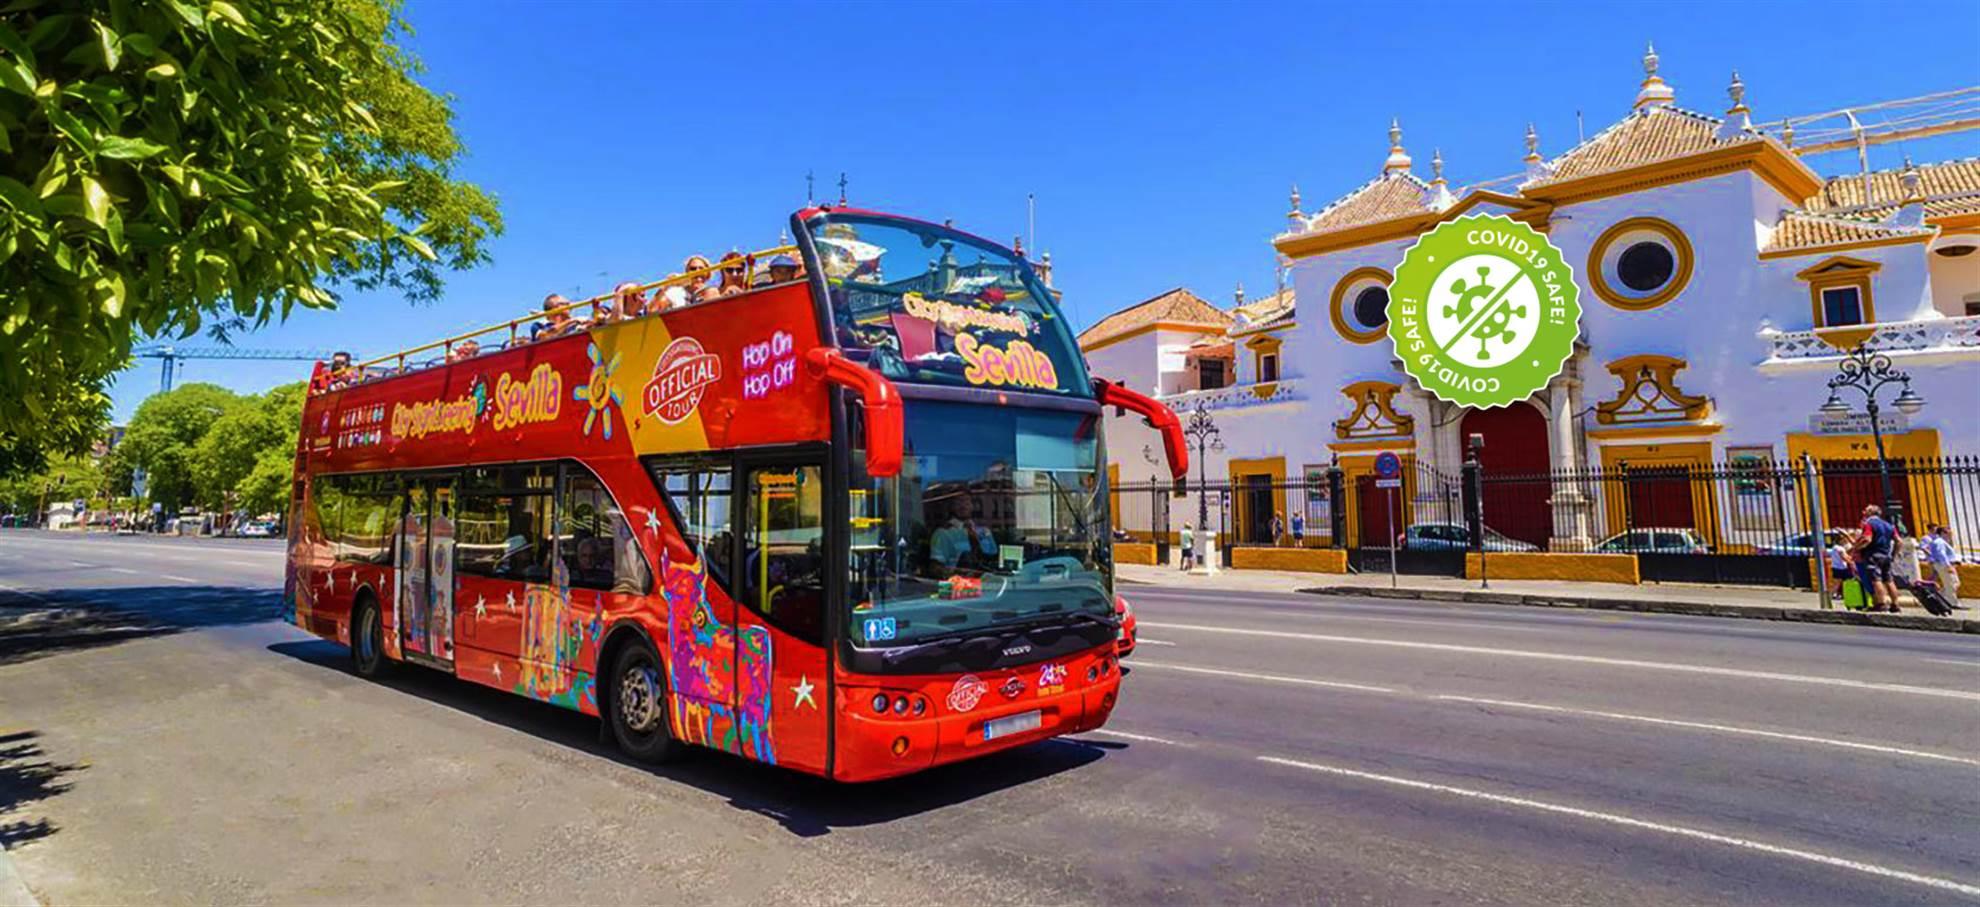 Ônibus Hop on Hop off em Sevilha com Audioguide em Português